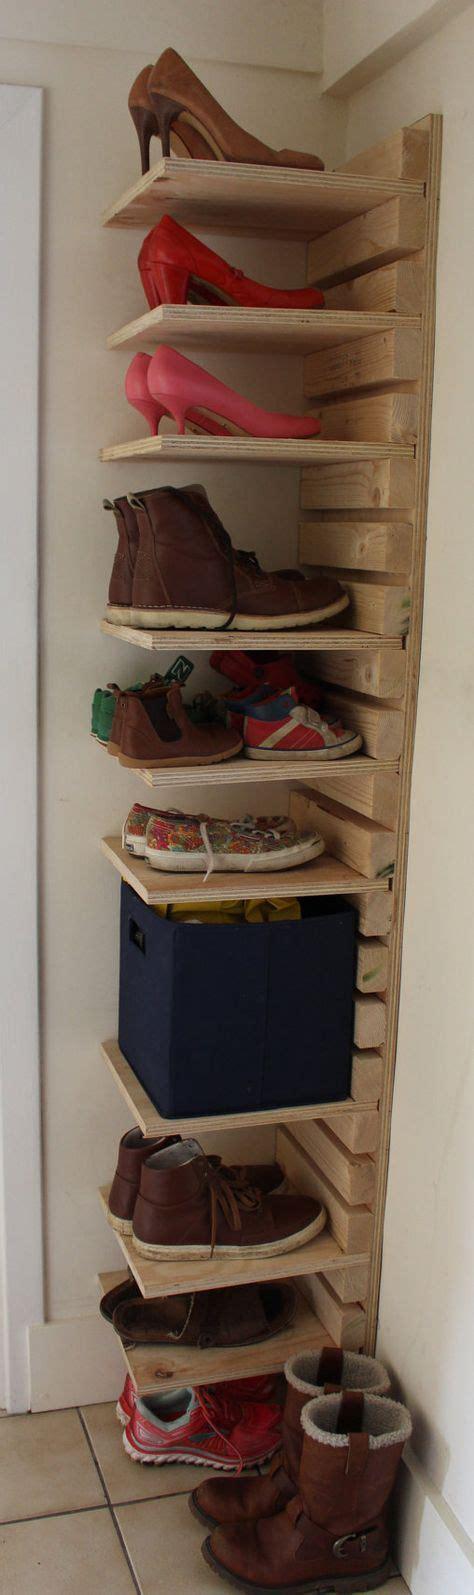 adjustable wooden shoe rack   order  shelf